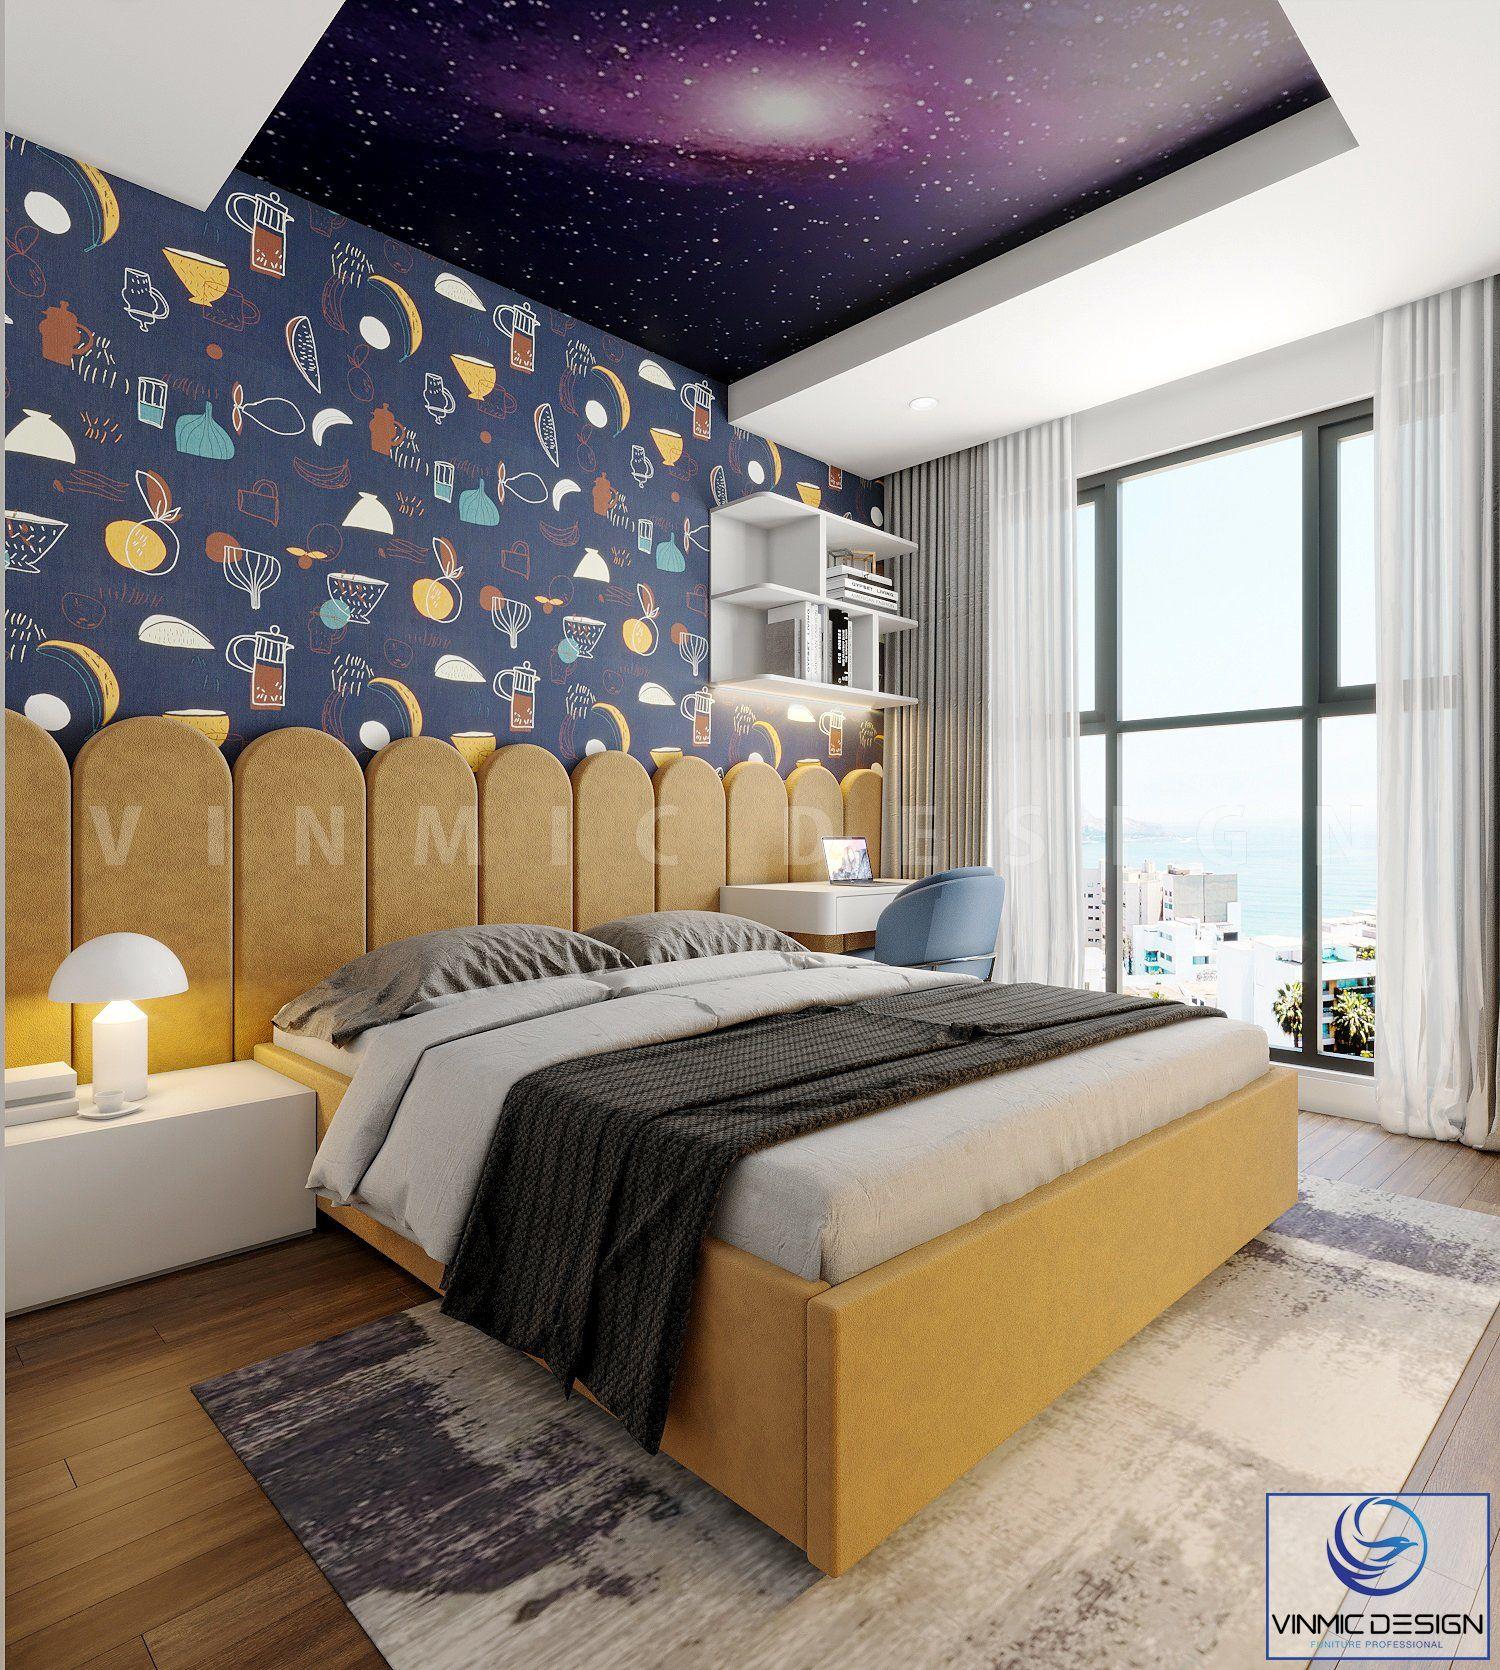 Thiết kế phòng ngủ cho bé nổi bật bởi bộ giấy gián tường